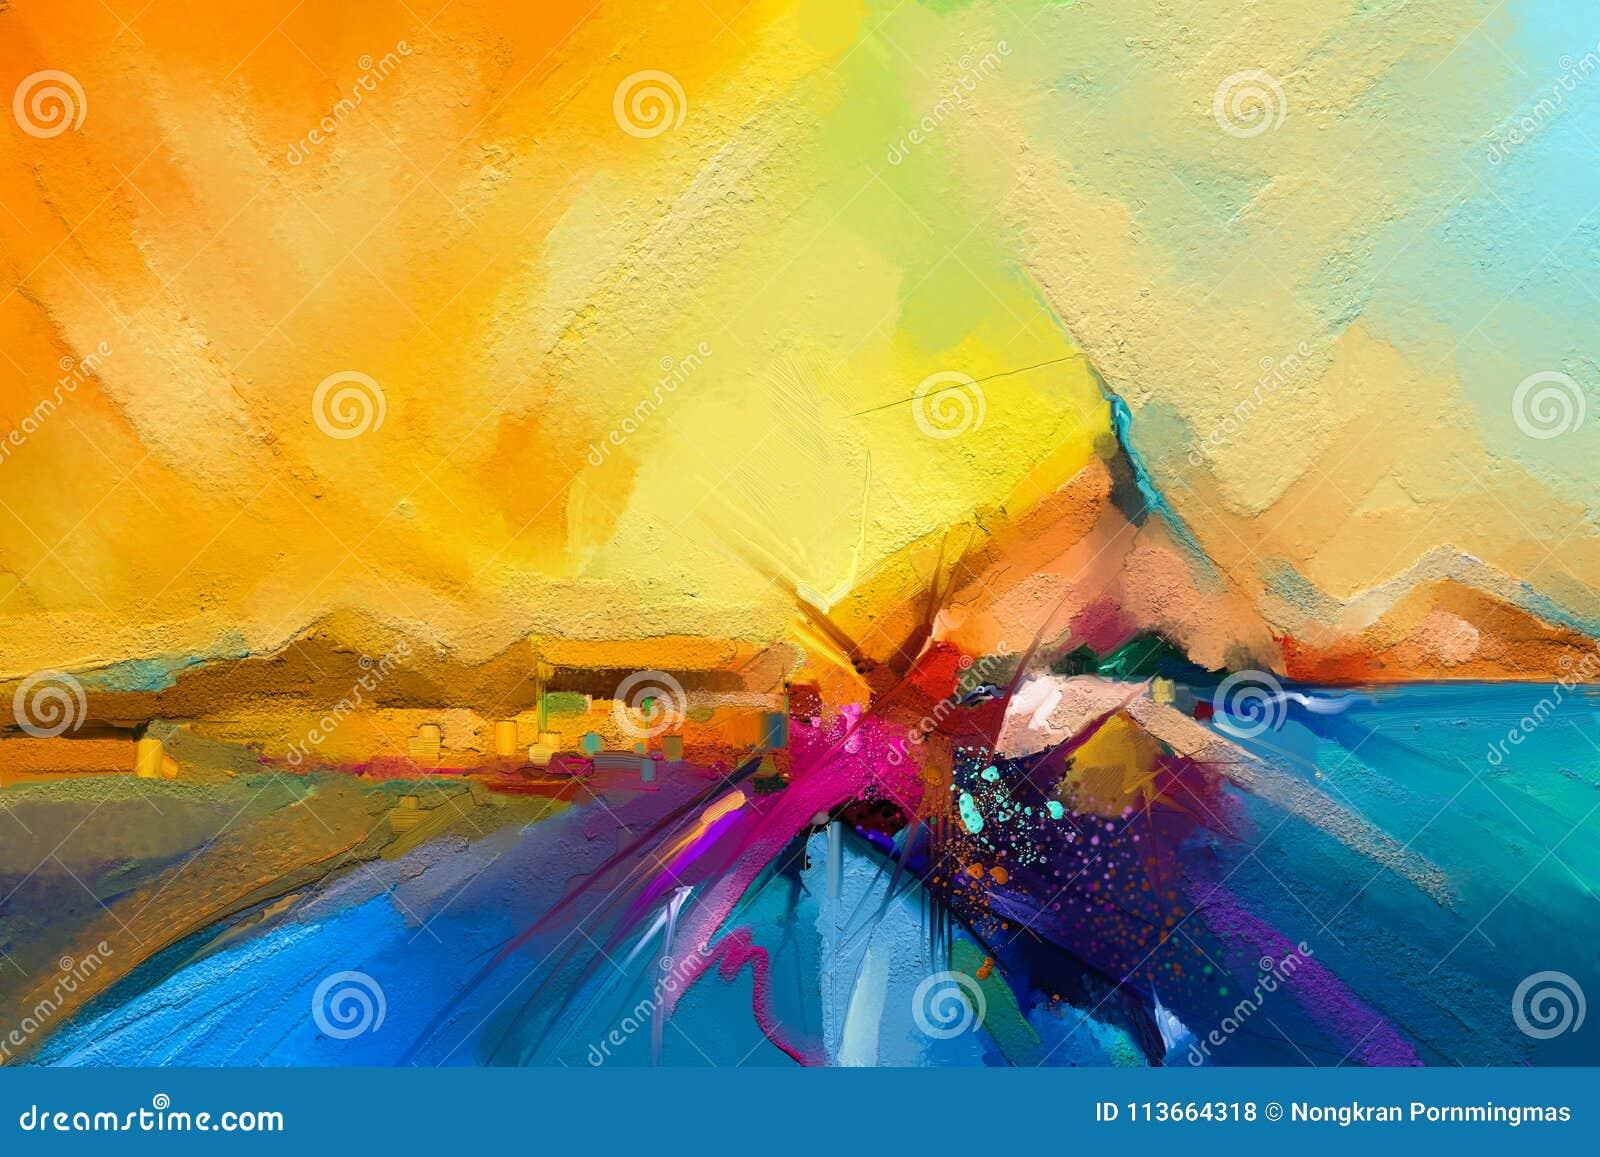 Kleurrijk olieverfschilderij op canvastextuur Semi abstract beeld van zeegezichtschilderijen